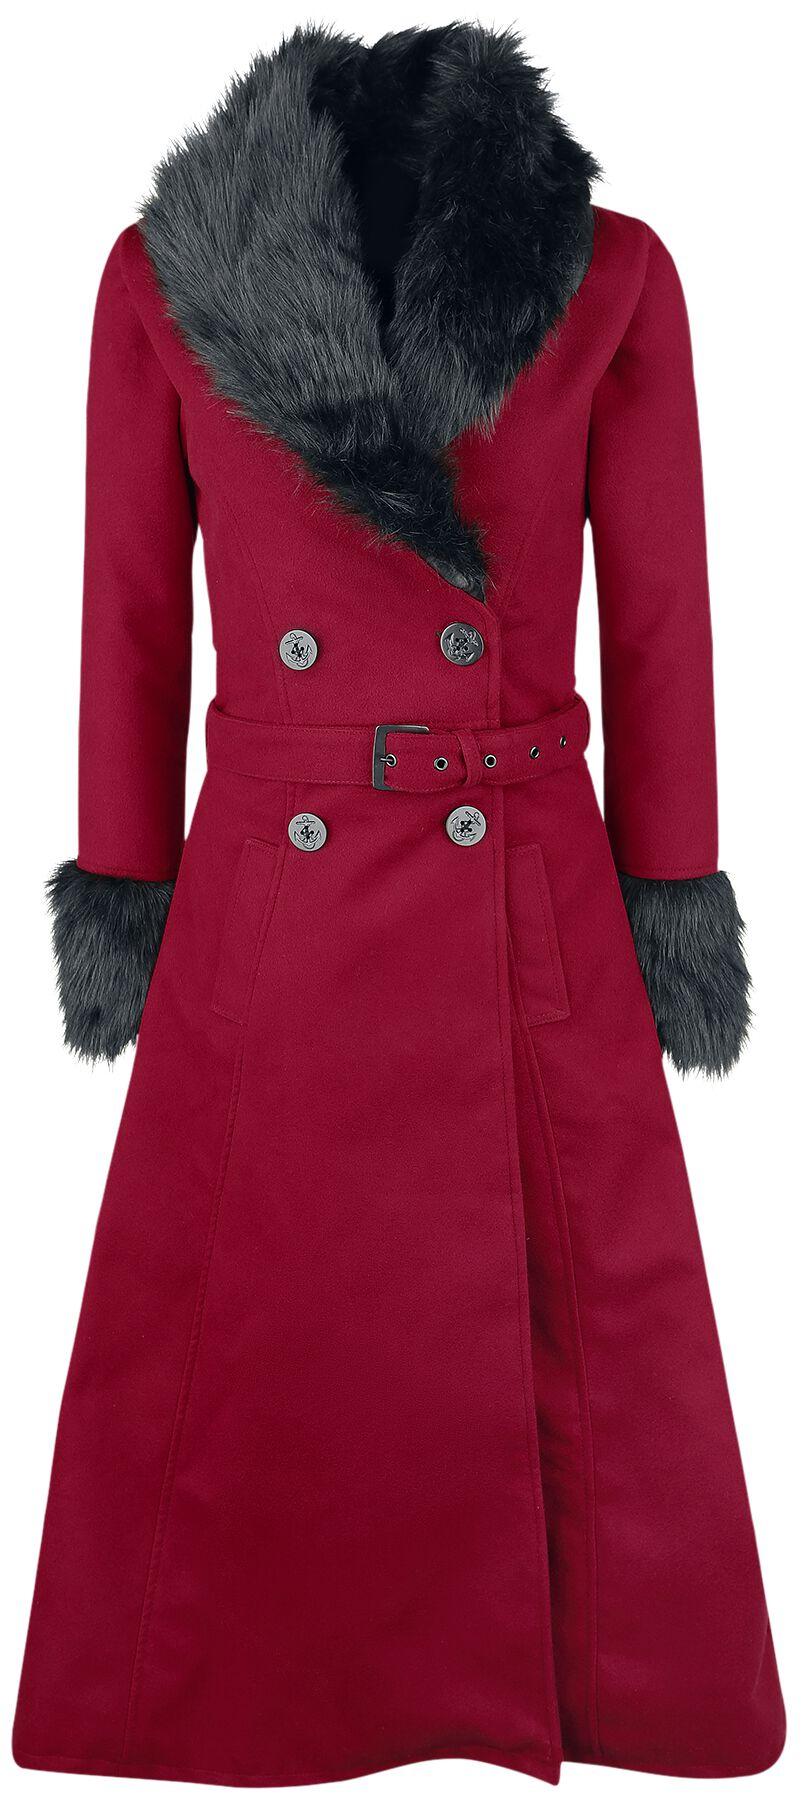 Rockabella Bianca Coat Płaszcz damski czerwony